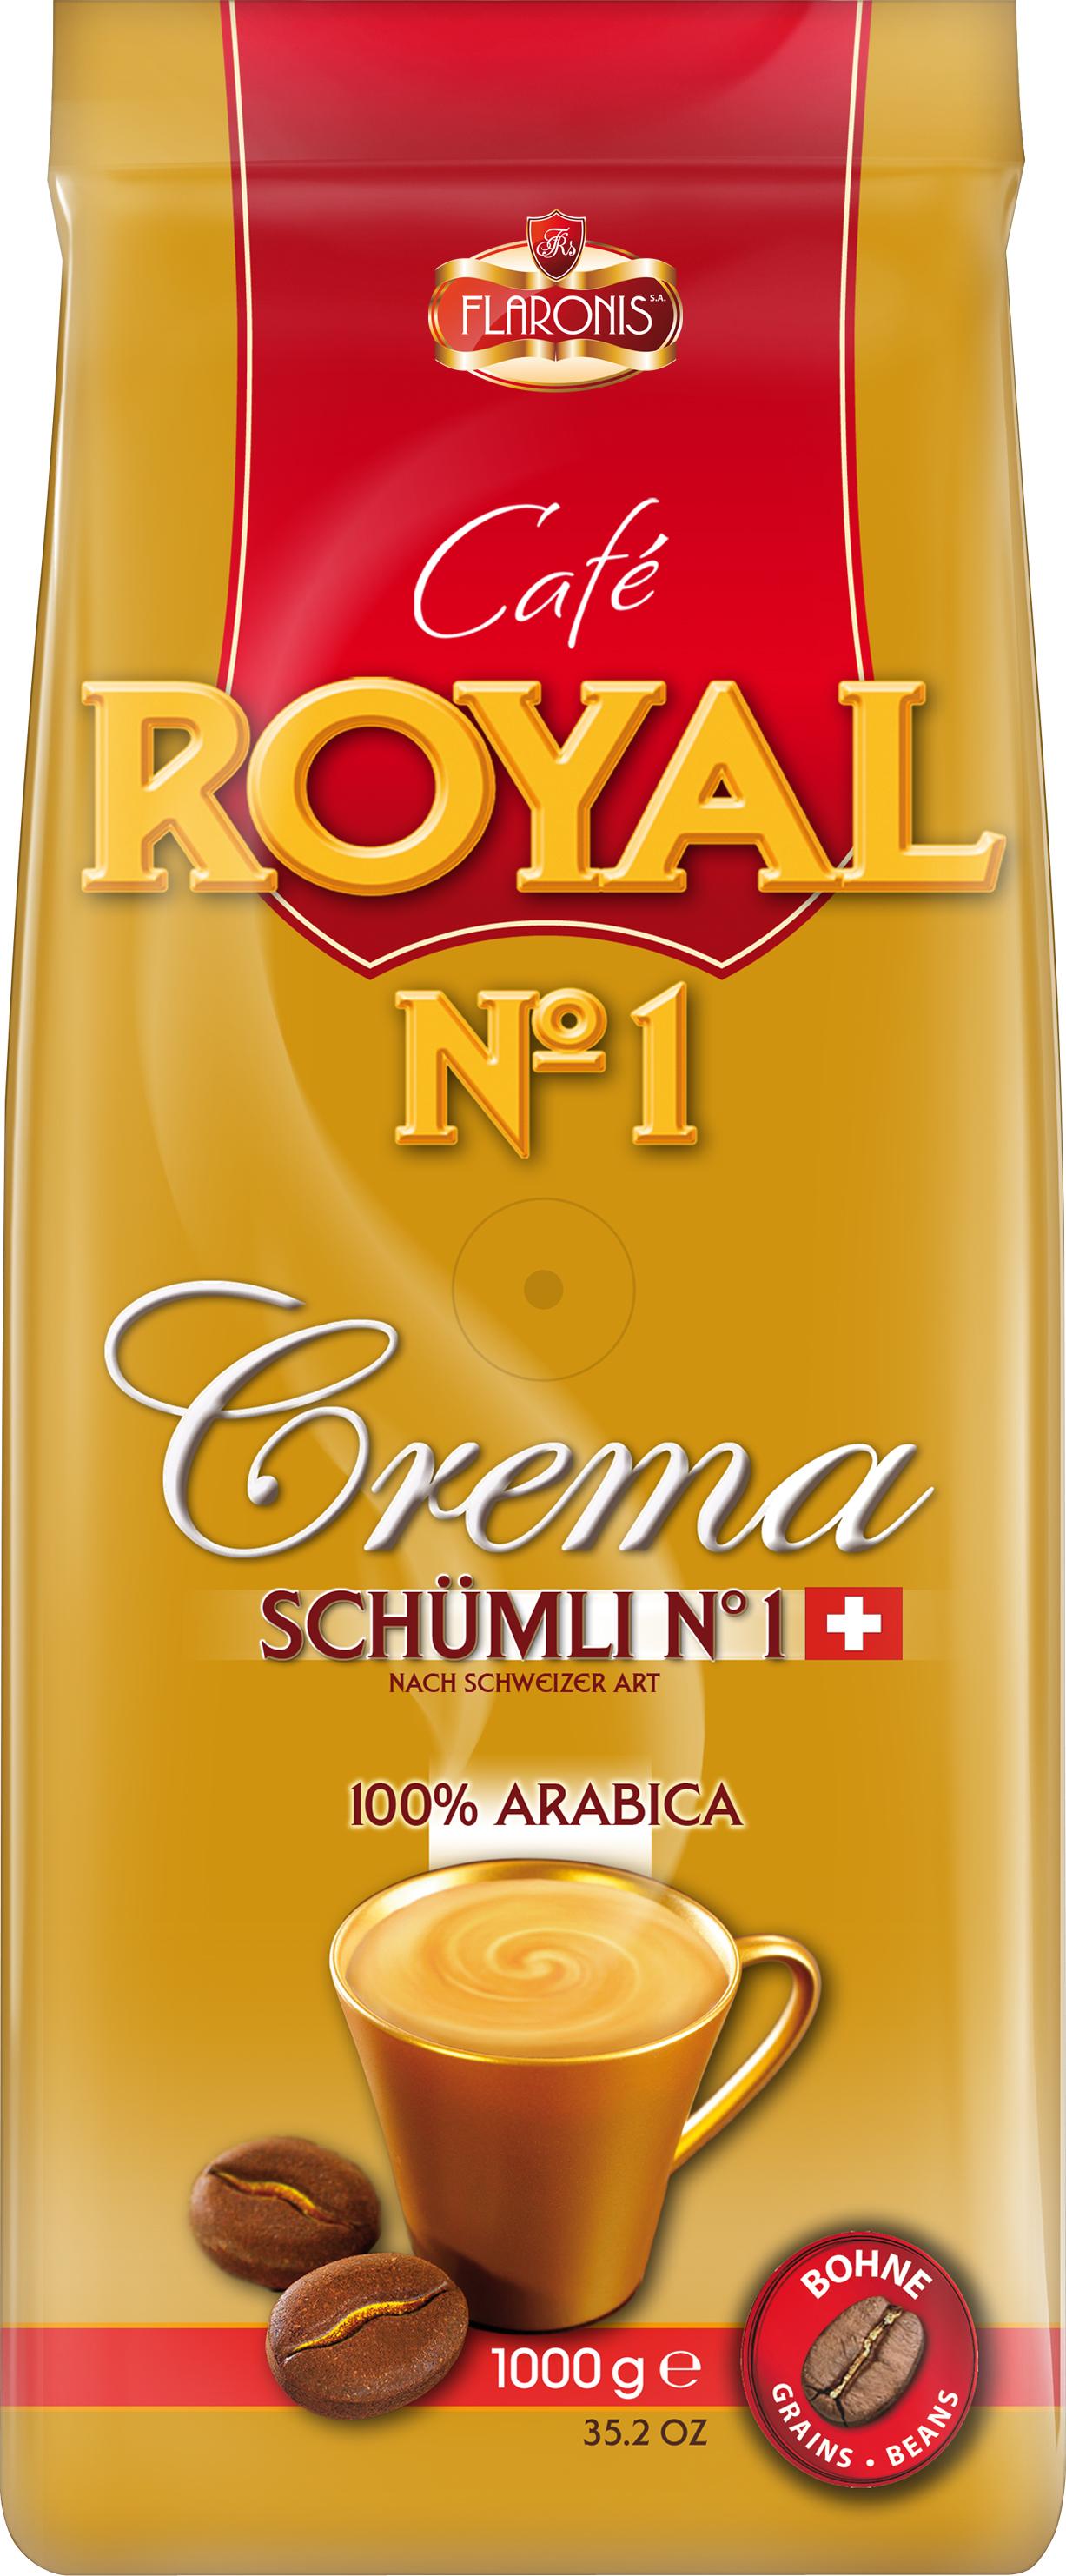 535-Royal Creme 1Kg - NEU 2013.jpg